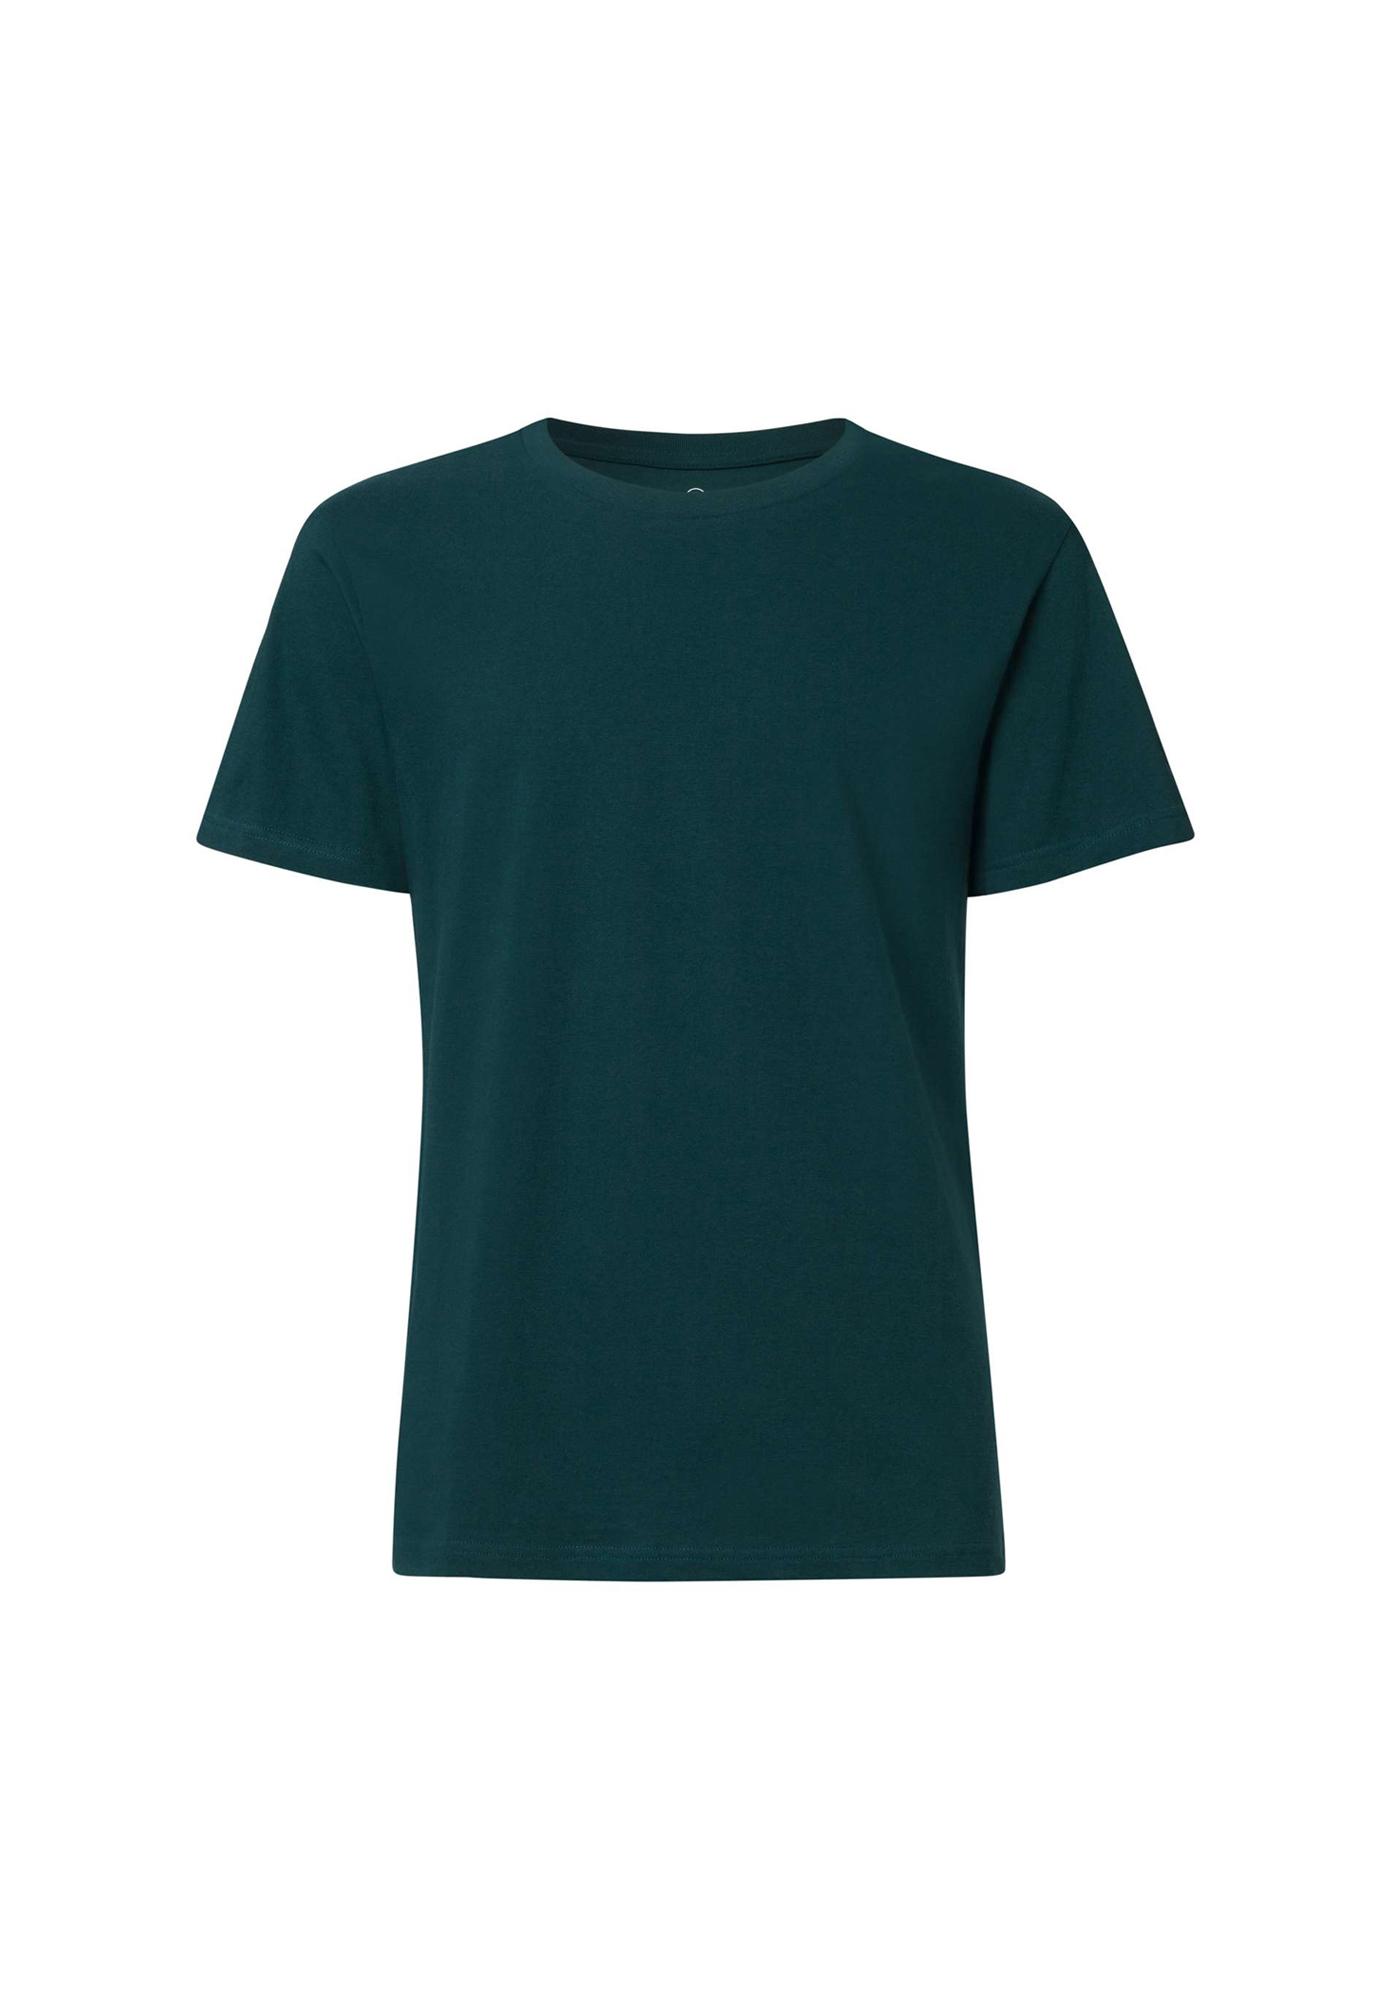 BTD05 T-Shirt Deep Teal